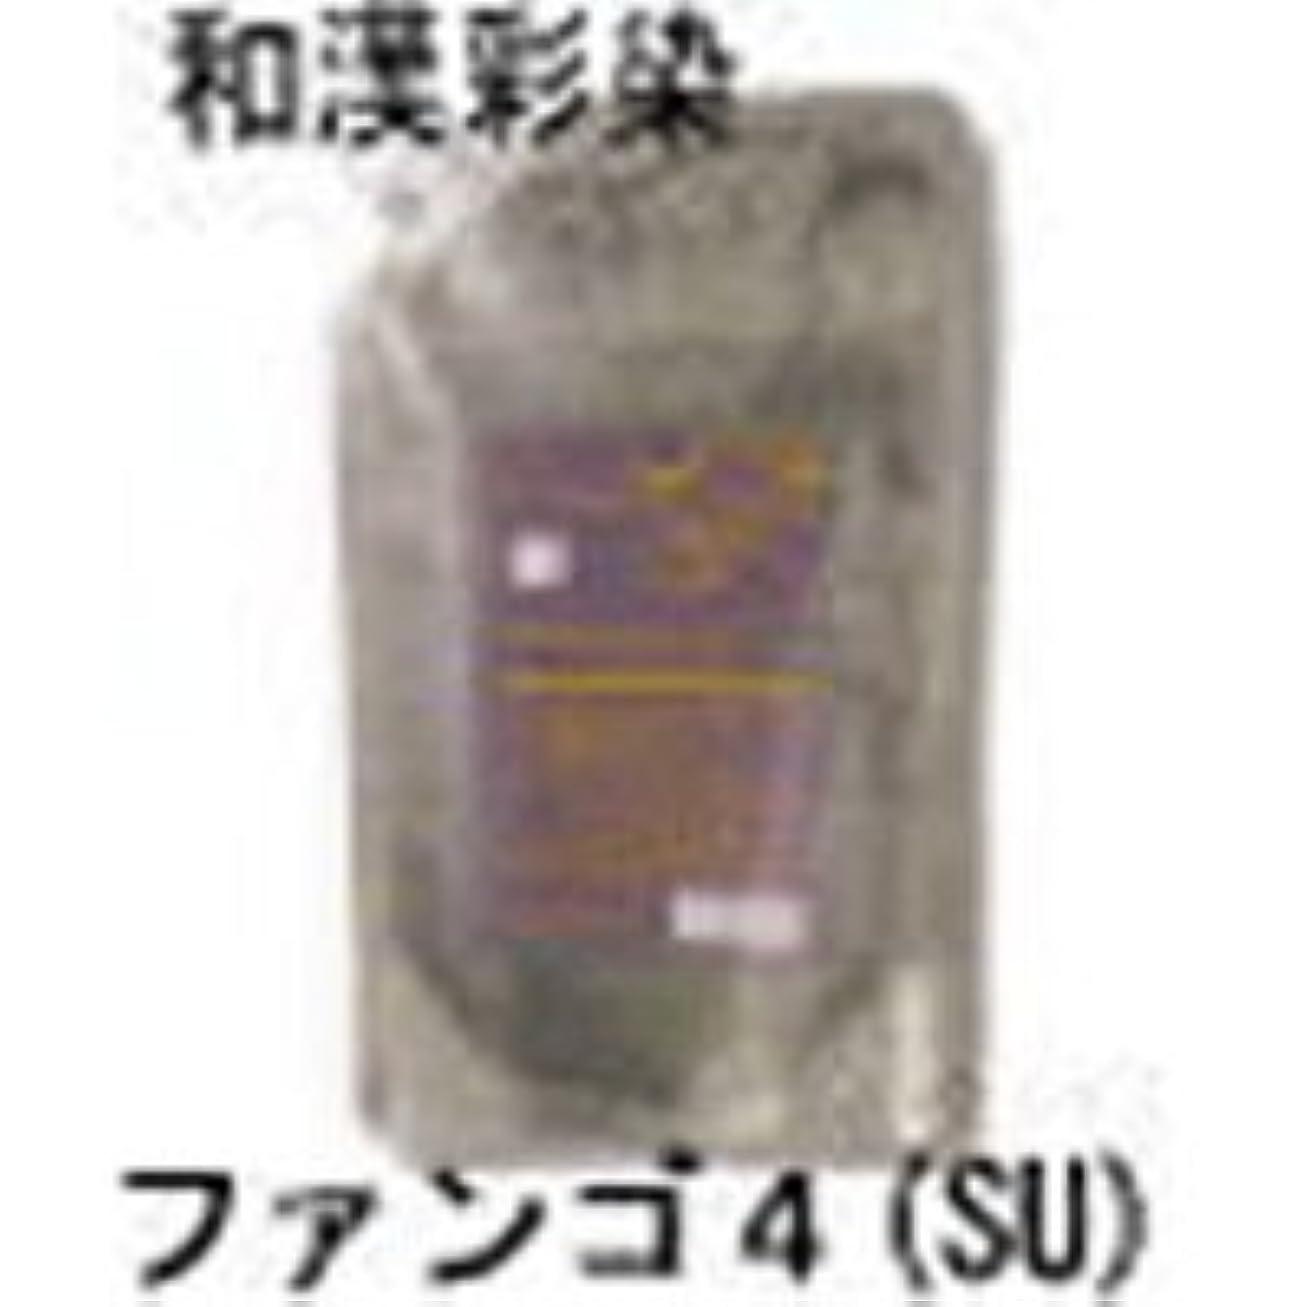 謝罪シネウィ不名誉グランデックス アルティゾラ APT 和漢彩染 ファンゴ4 スーパーボリュームアップ SU 800g